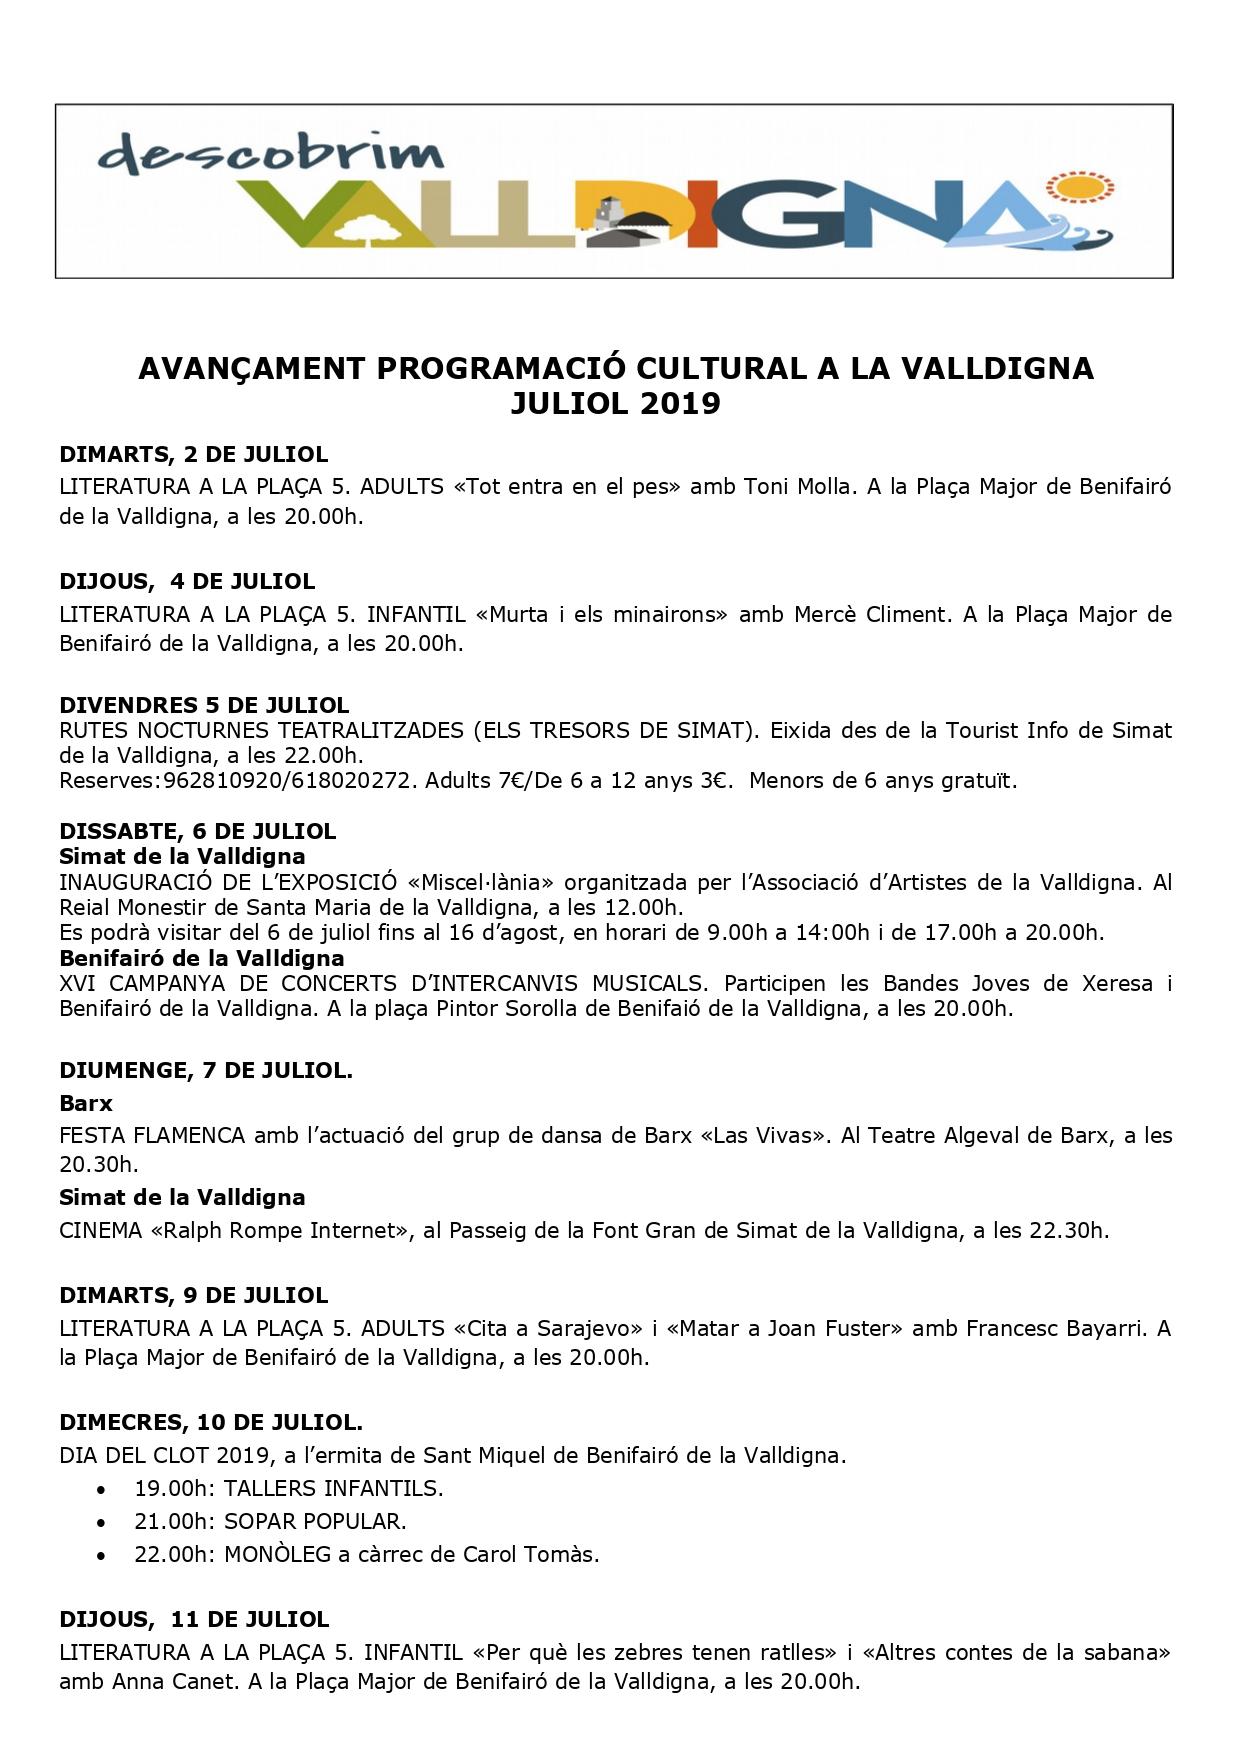 AVANÇAMENT_PROGRAMACIÓ_CULTURAL_A_LA_VALLDIGNA_JULIOL_2019_page-0001.jpg